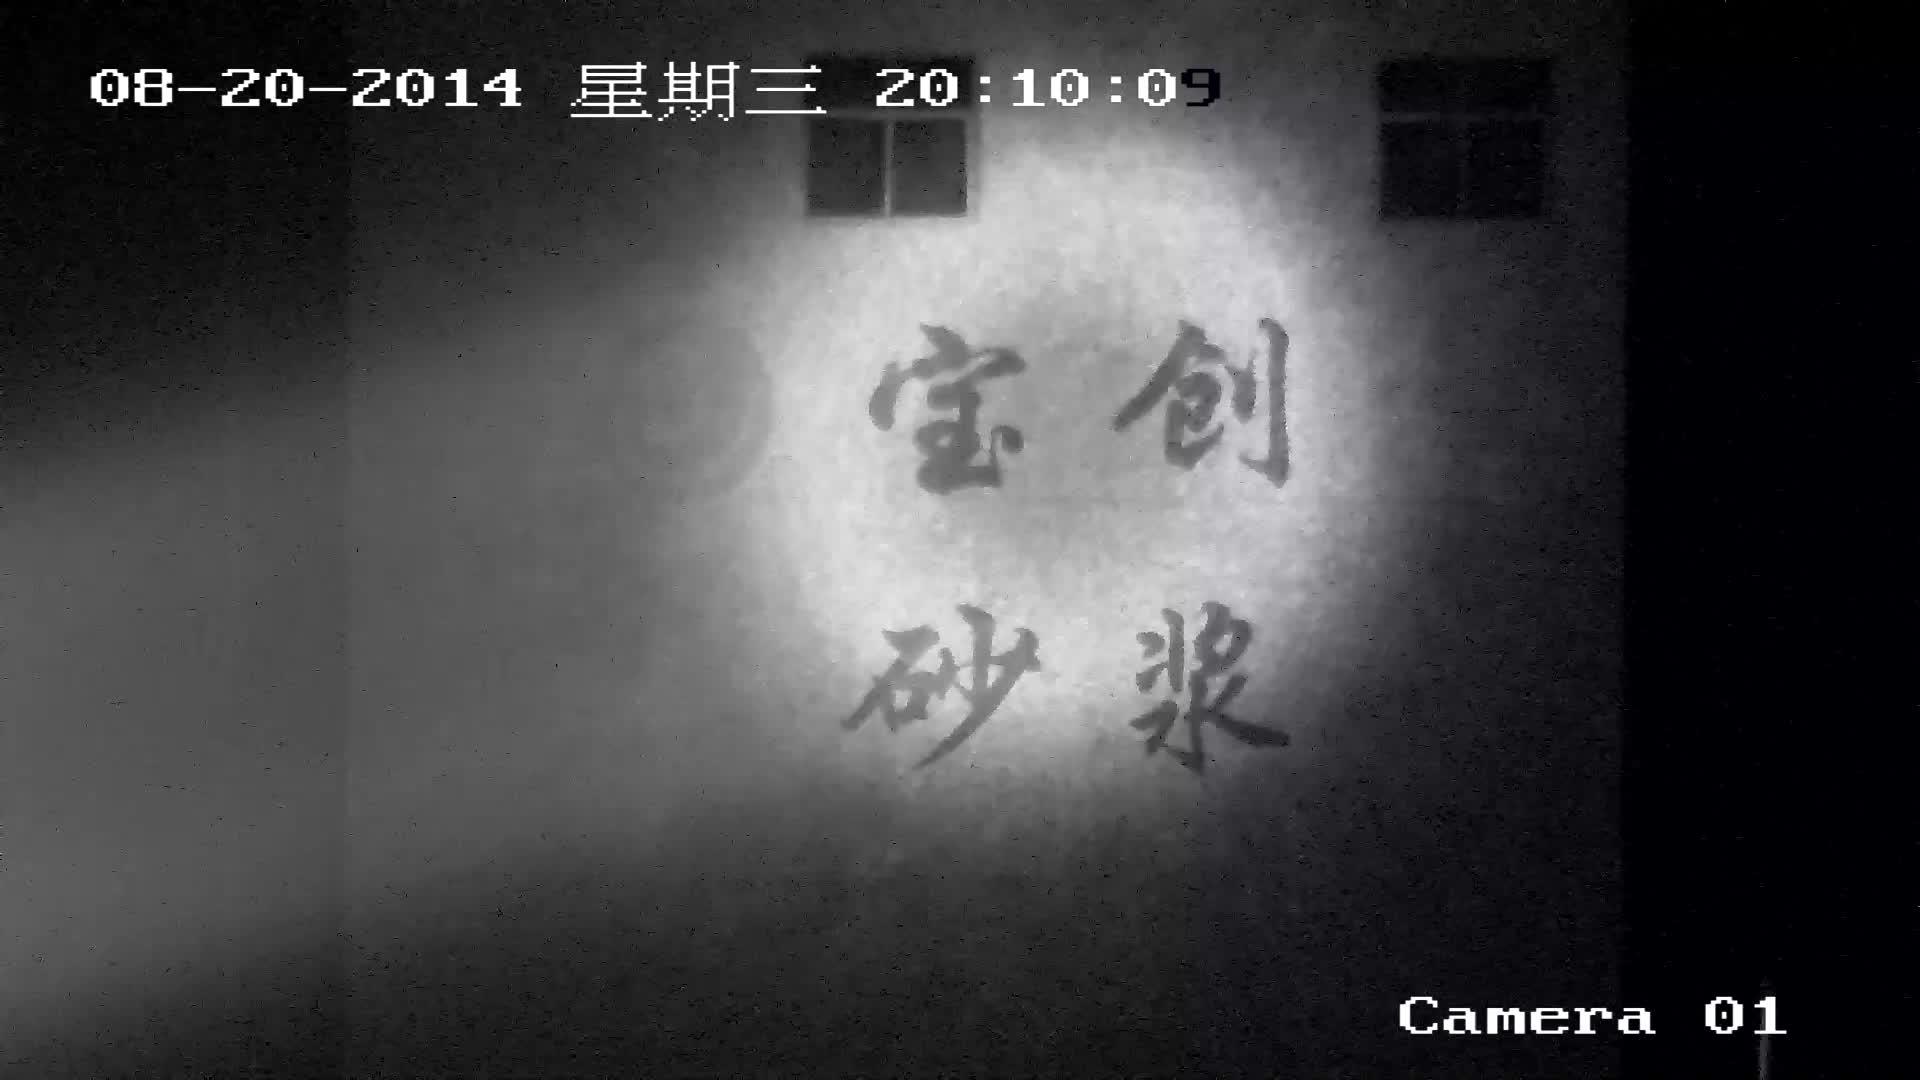 紫光积阳平安城市专用远距离激光夜视仪